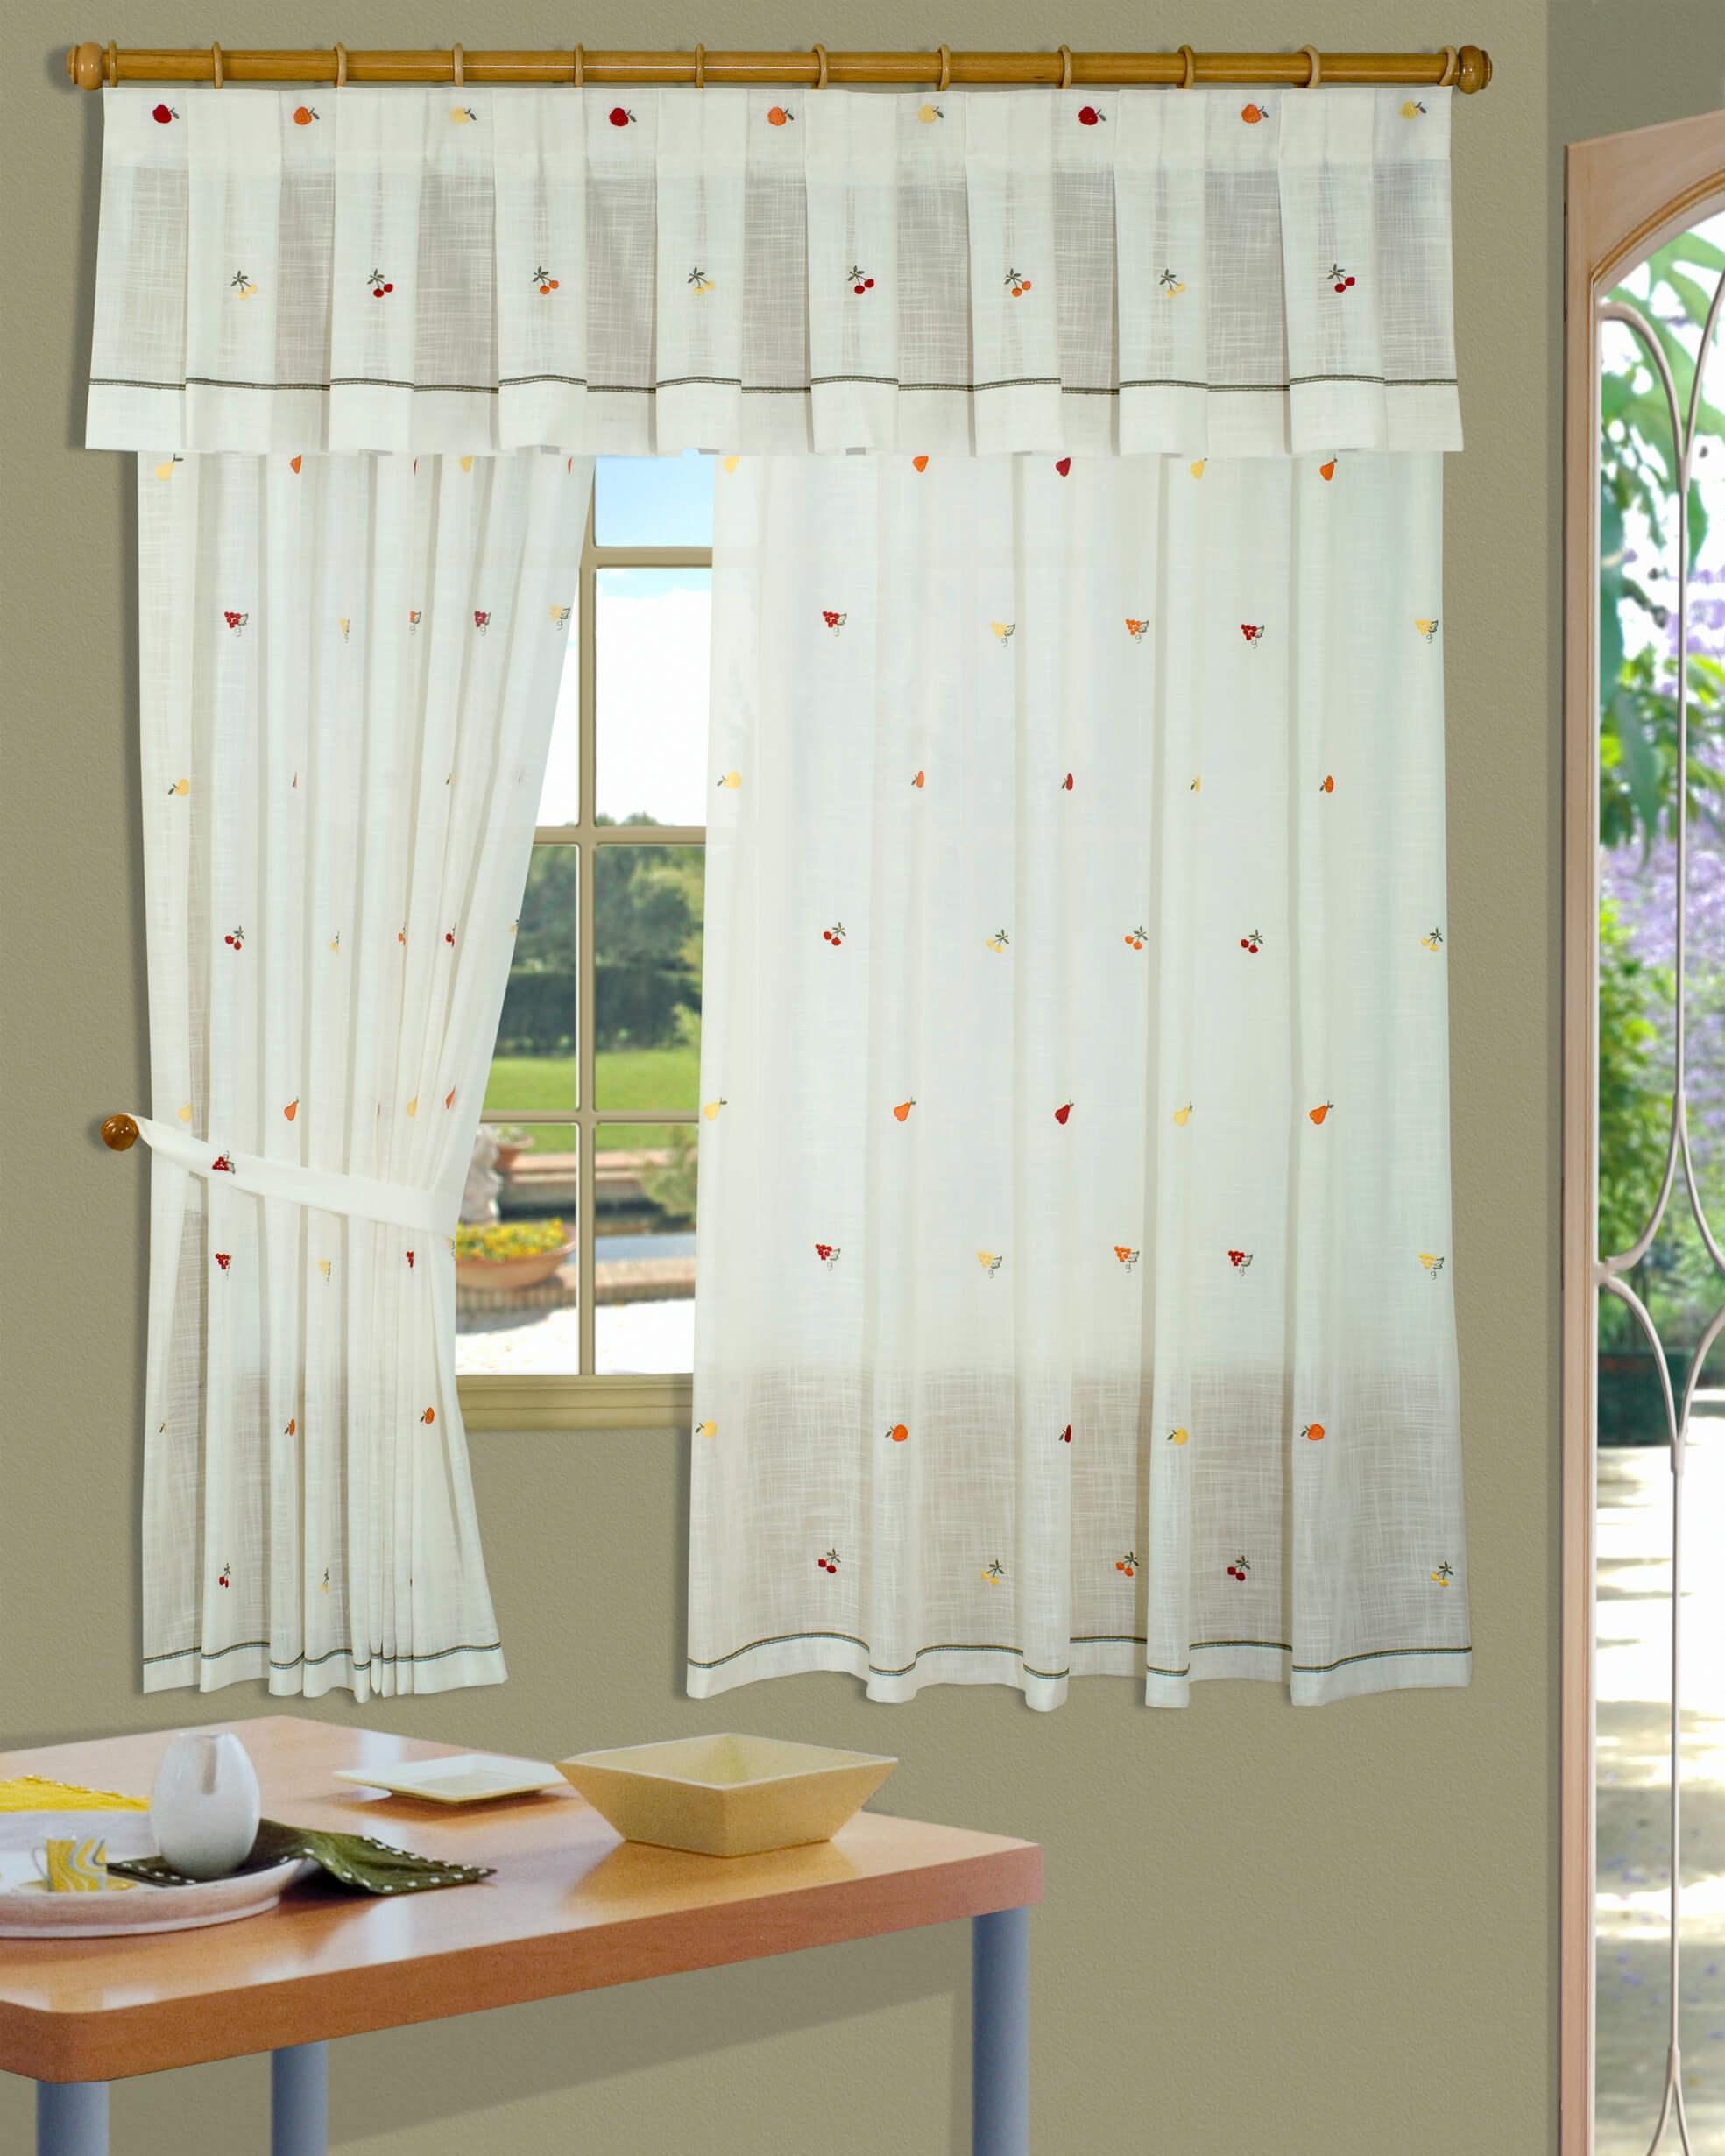 Tiendas de cortinas en zaragoza great ofertas de cortinas - Cortinas zaragoza ...